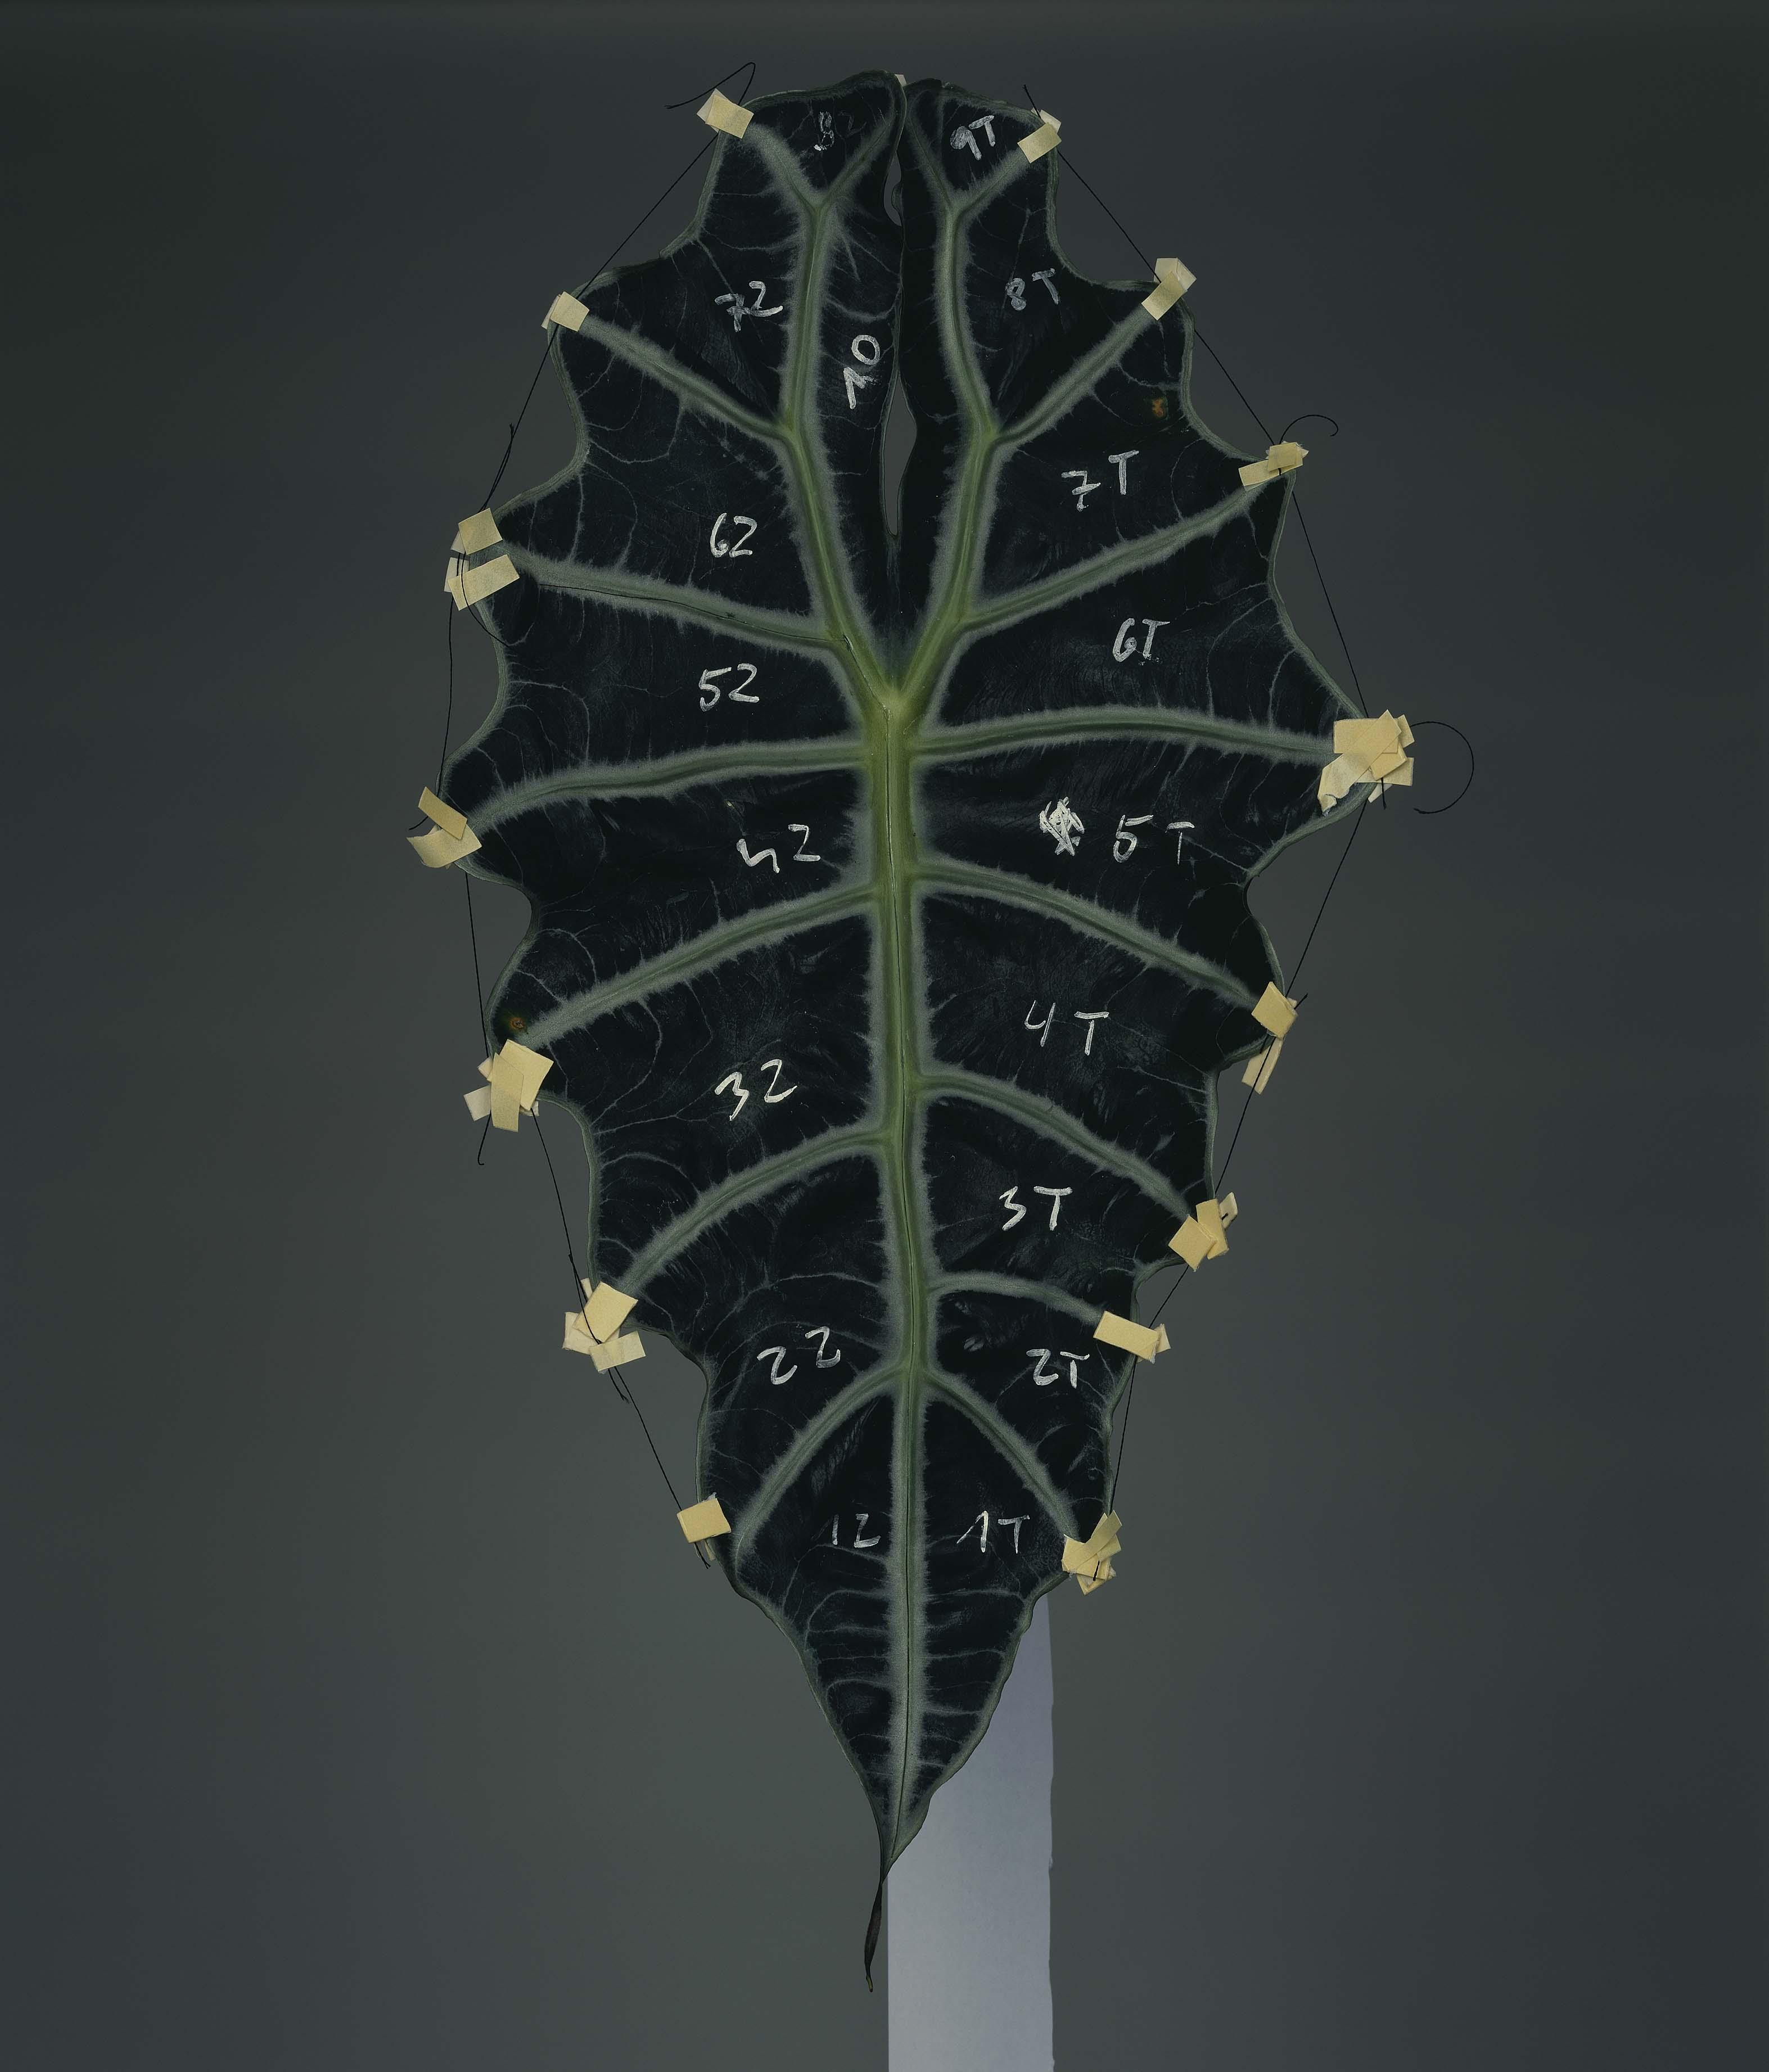 Szétszerelés #9, 2012 © Bownik / A művész és a Ravestijn Gallery jóvoltából